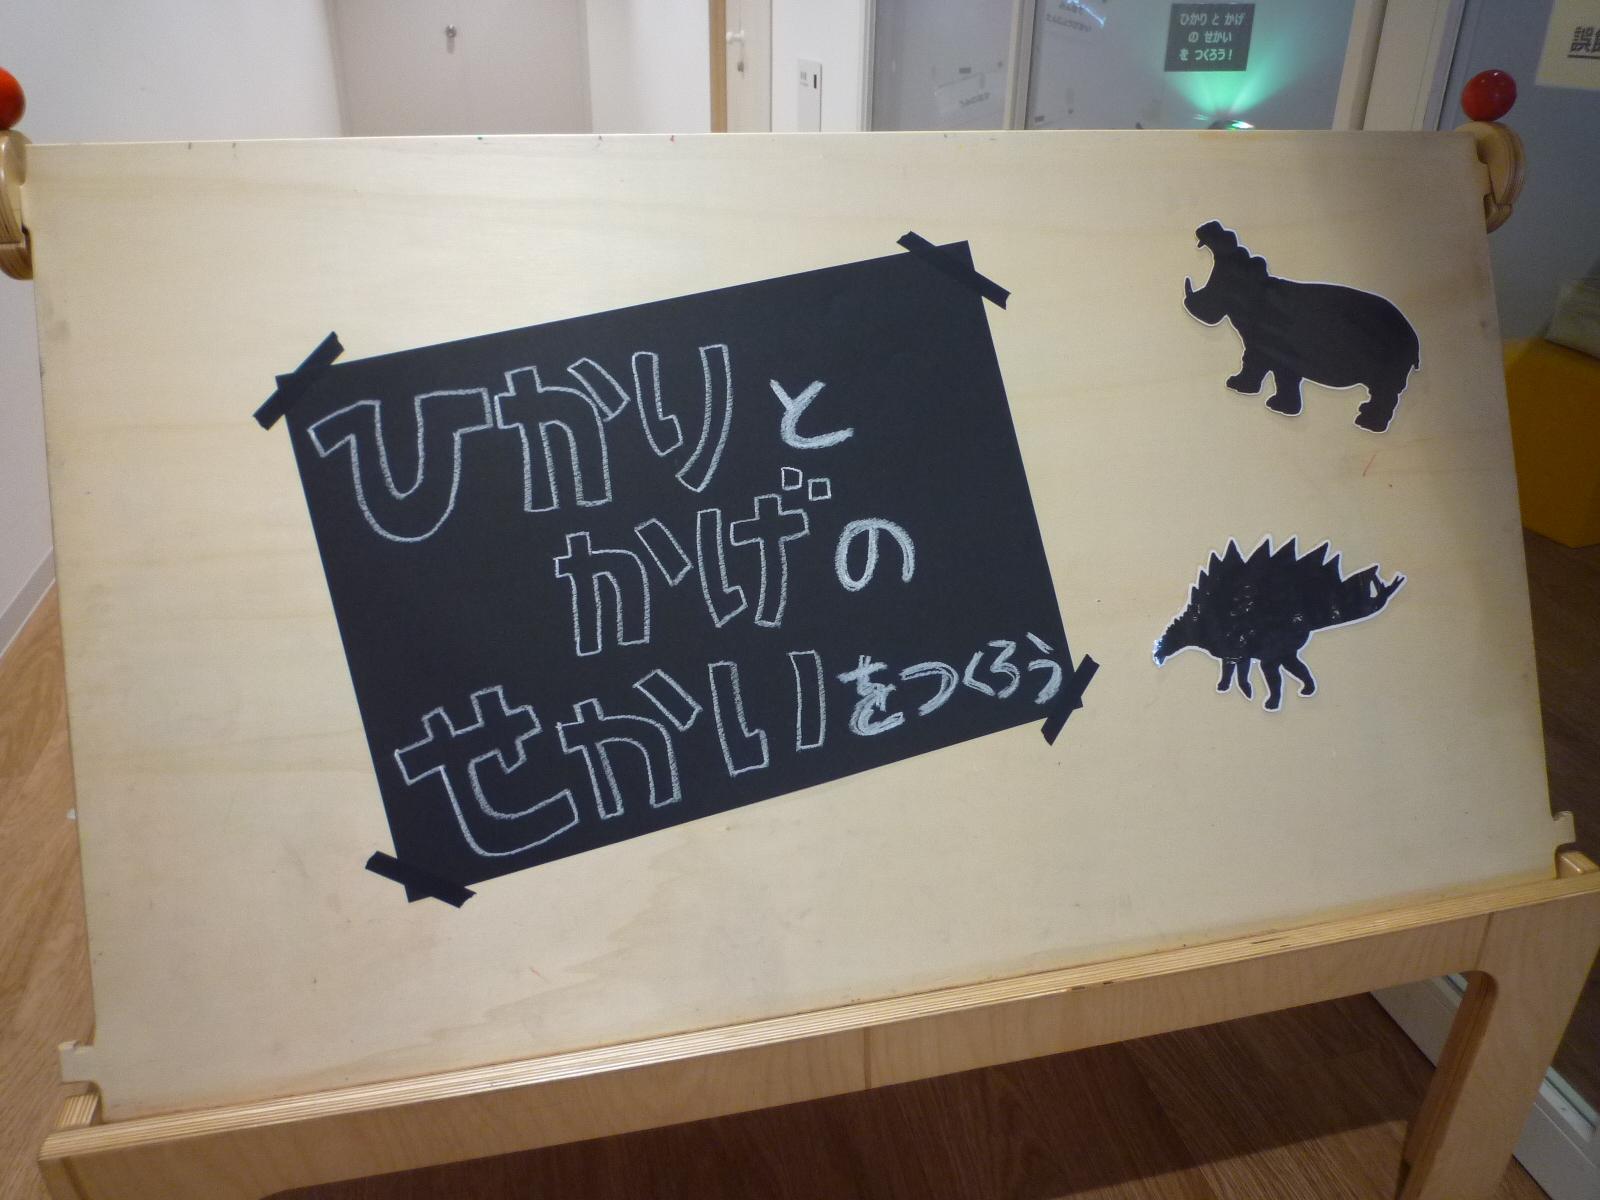 【お知らせ】クリエイティブファクトリーお部屋が変わりました!